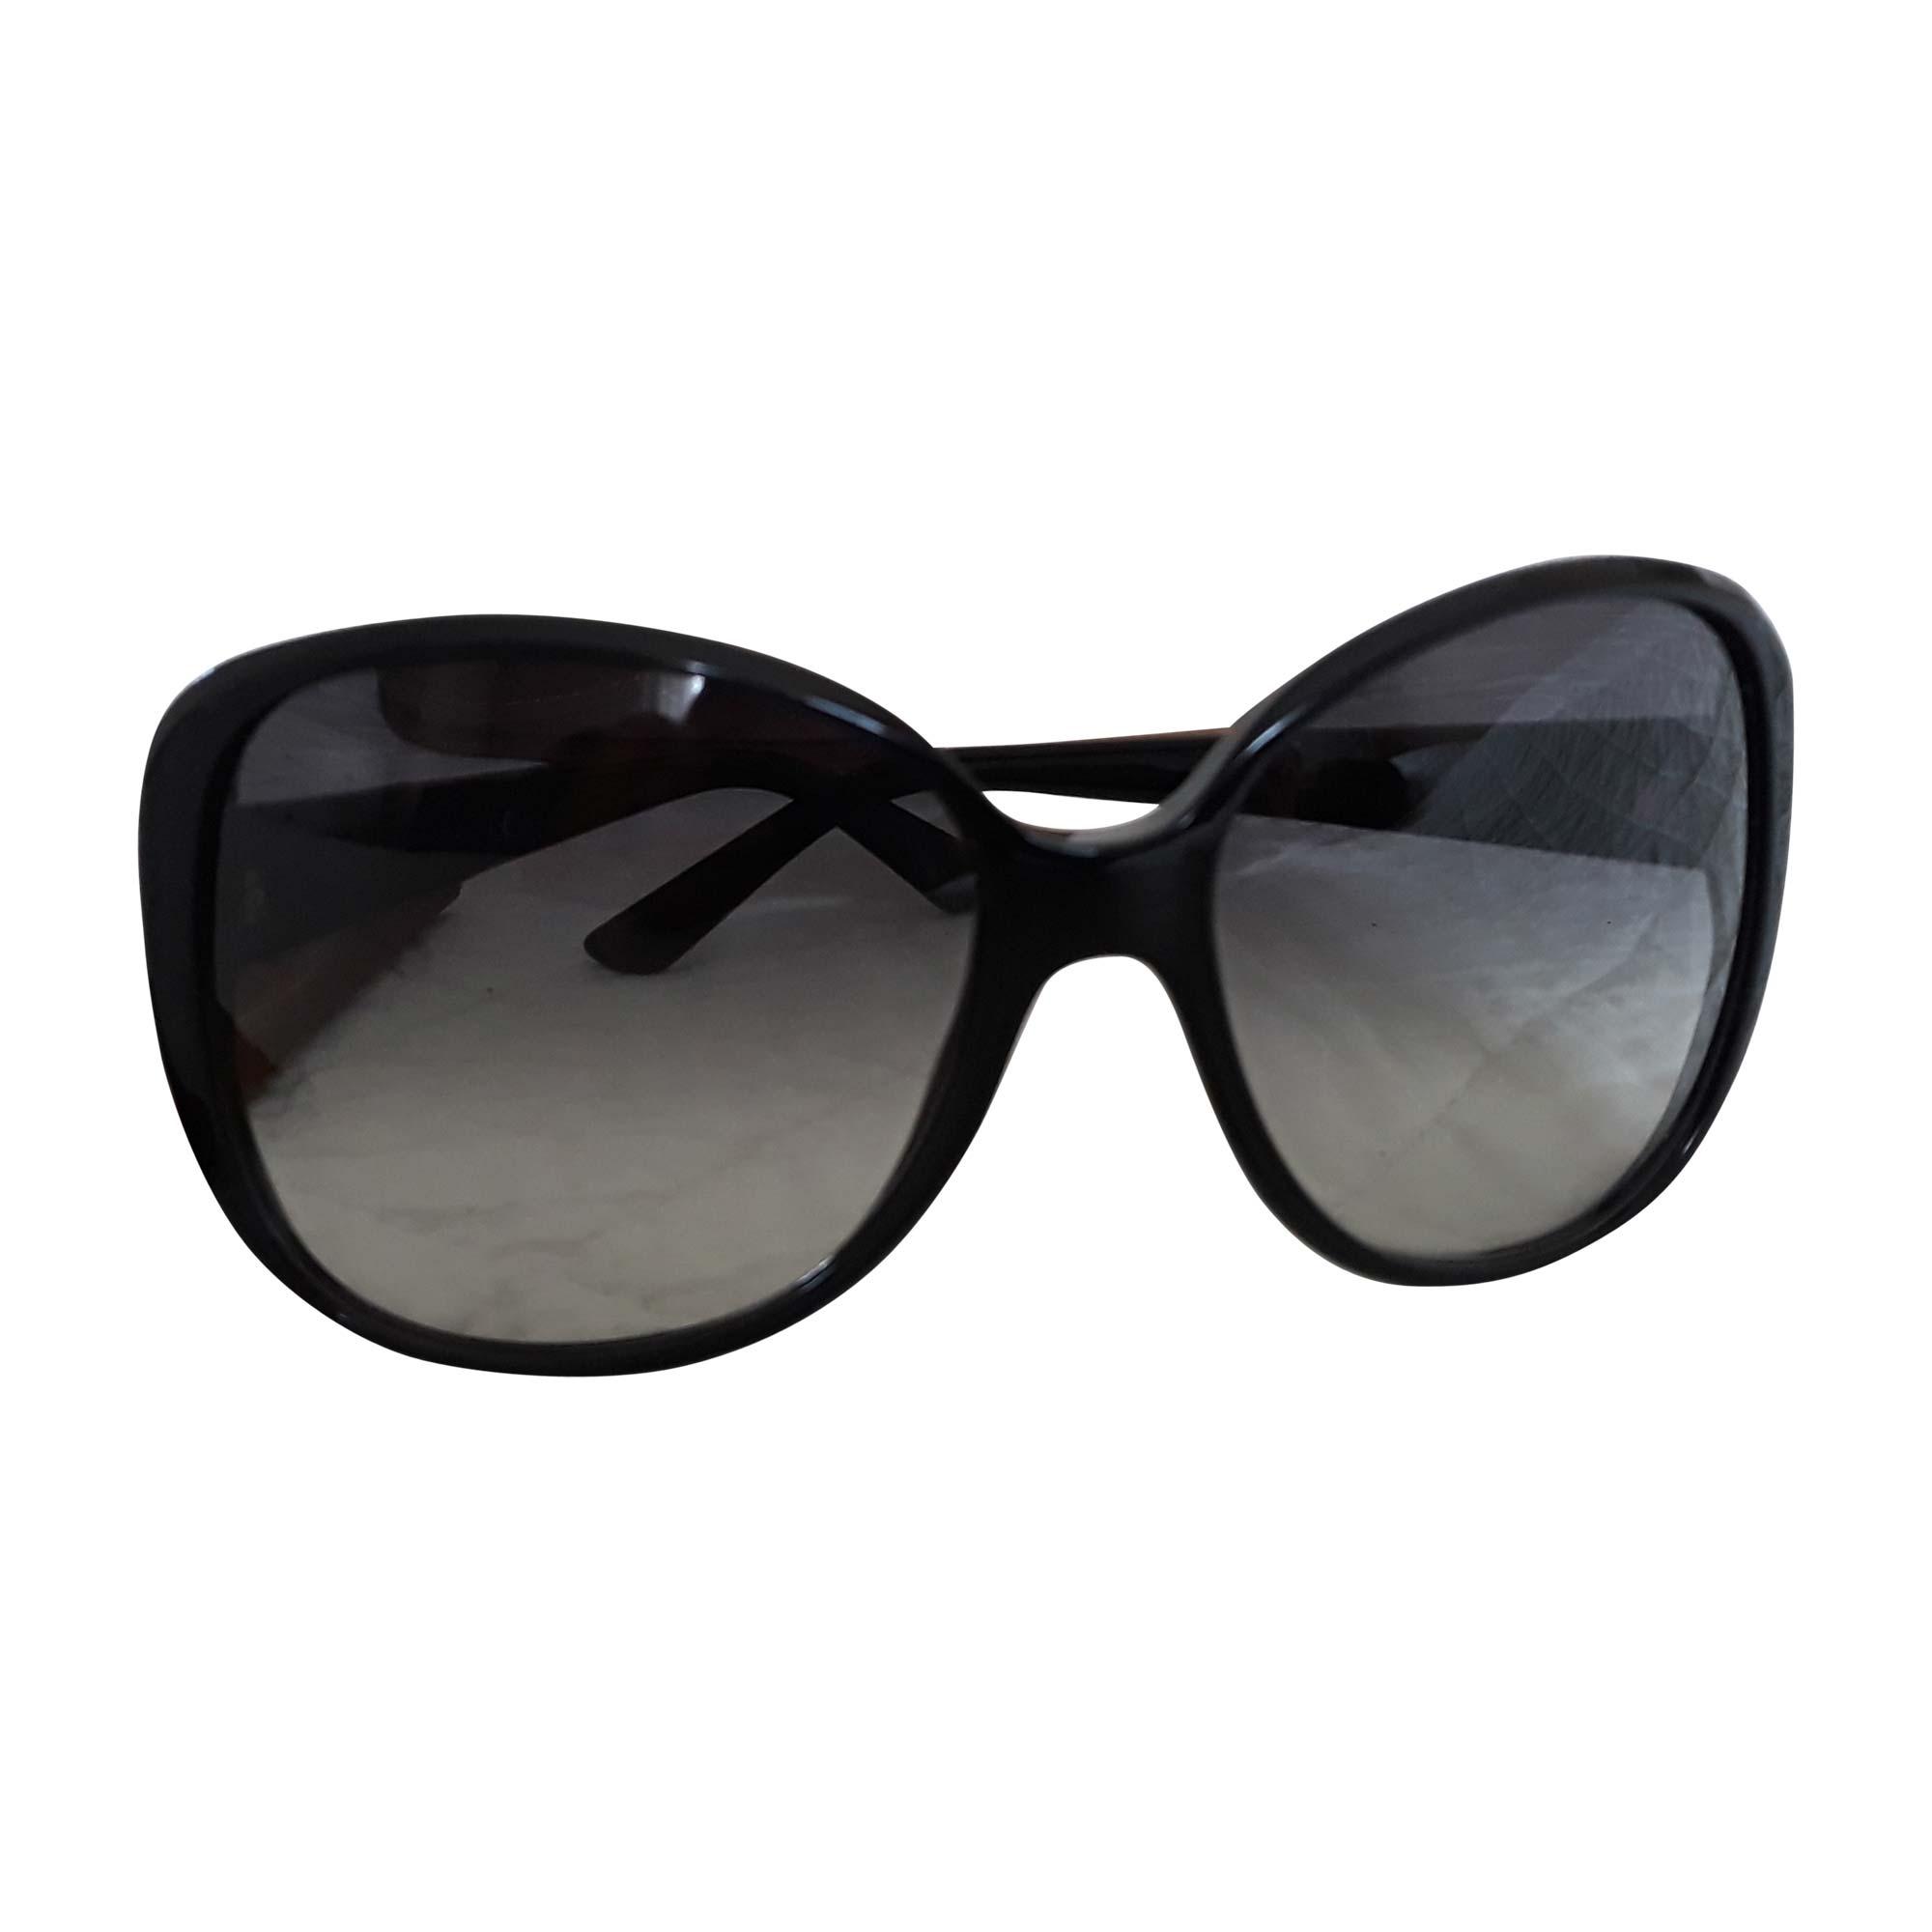 906a9f3c76 Lunettes de soleil GUCCI noir vendu par Ferrero 06 - 7654589